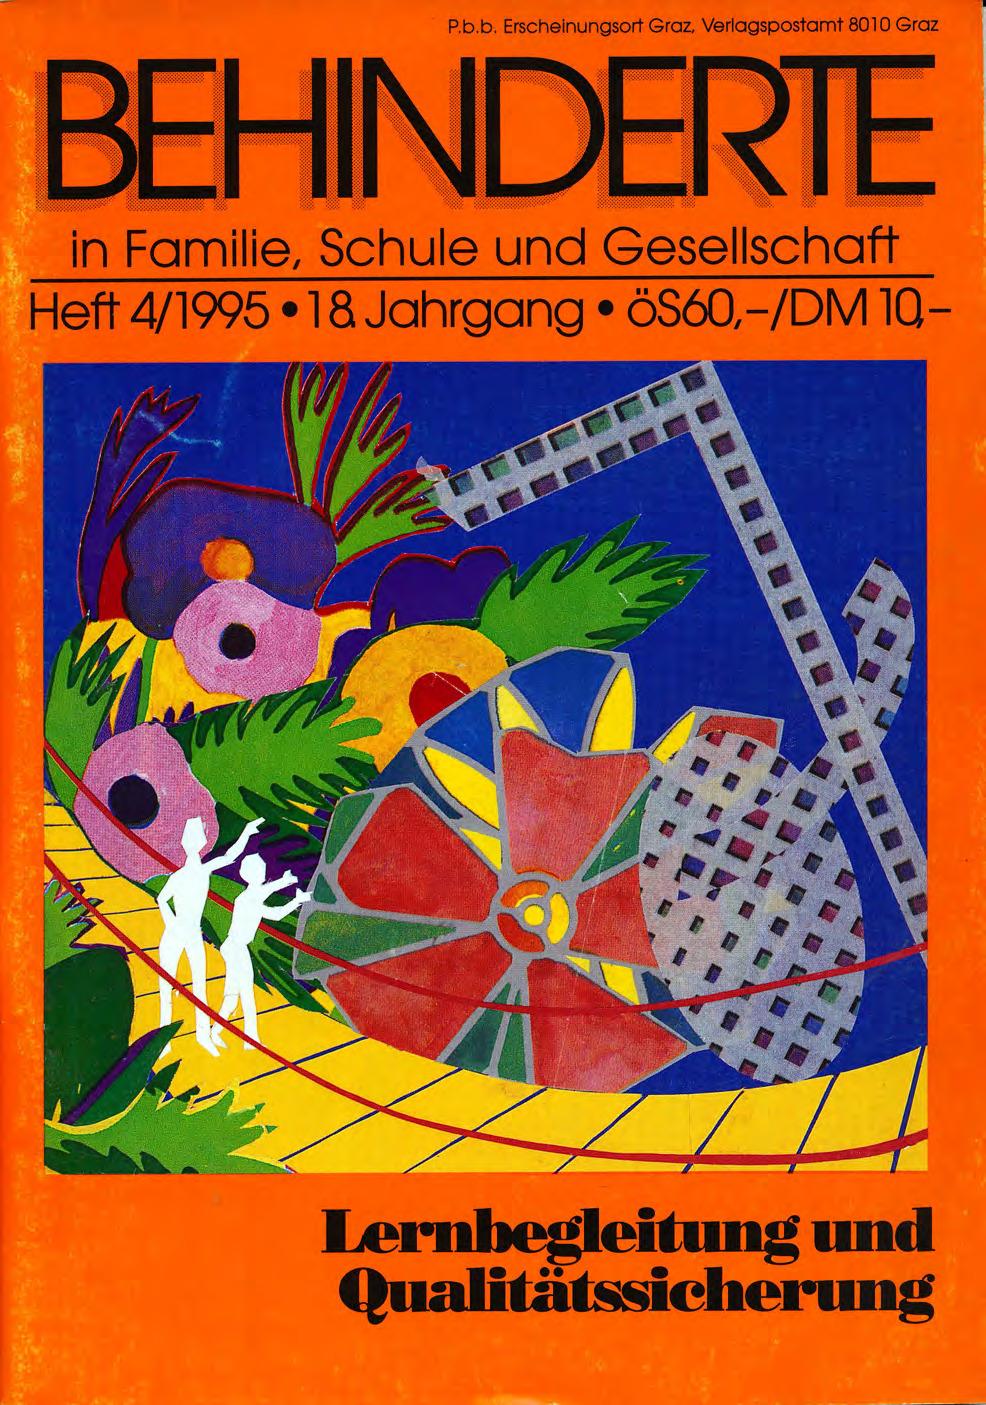 """Titelbild der Zeitschrift BEHINDERTE MENSCHEN, Ausgabe 4/1995 """"Lernbegleitung und Qualitätssicherung"""""""